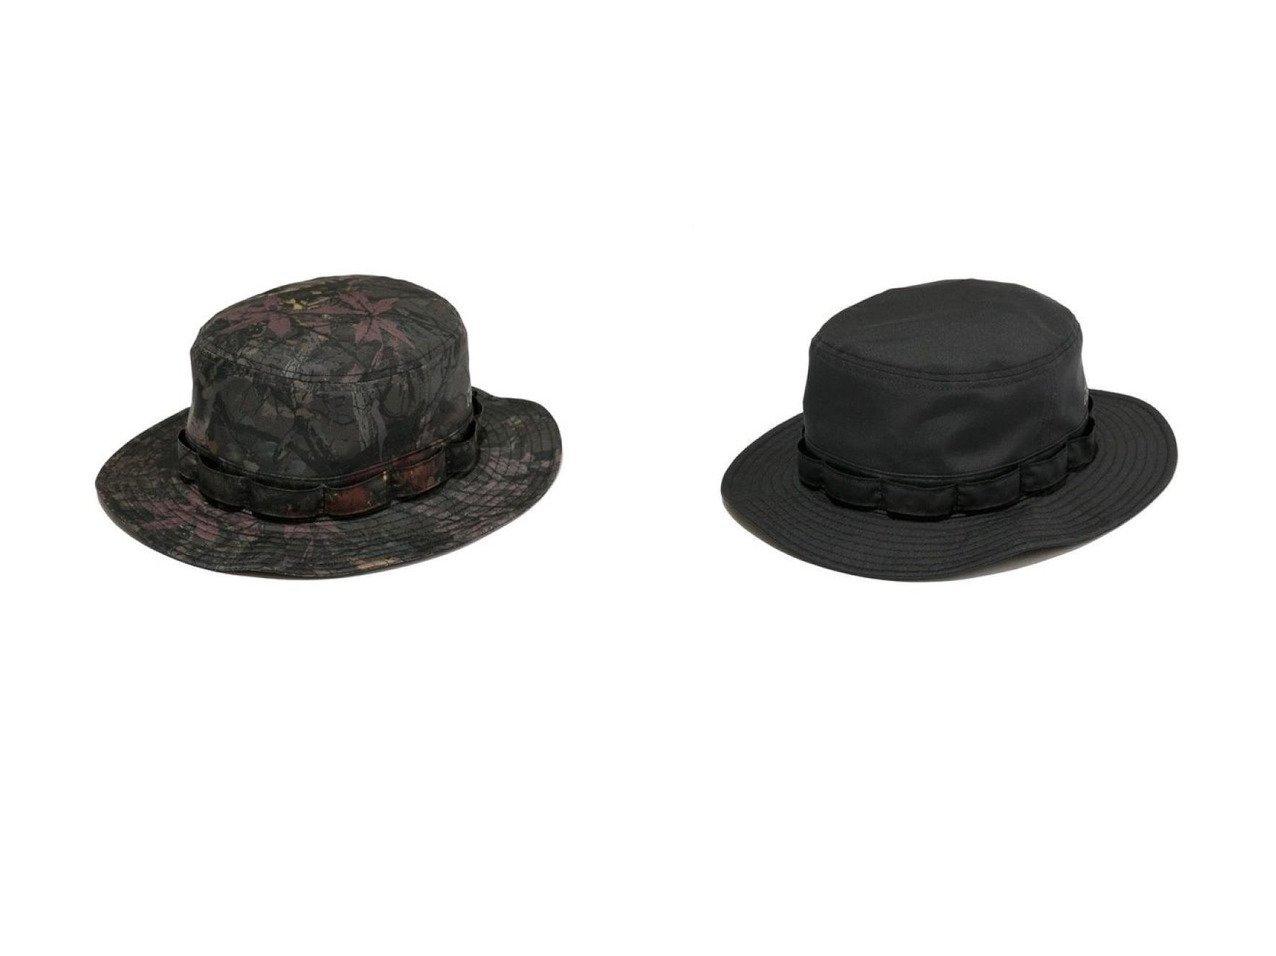 【LOGOS / MEN/ロゴス】のLOGOS別注 BOONIE HAT 【MEN】別注・限定・コラボなど、おすすめ!人気トレンド・メンズファッション通販 おすすめで人気の流行・トレンド、ファッションの通販商品 メンズファッション・キッズファッション・インテリア・家具・レディースファッション・服の通販 founy(ファニー) https://founy.com/ ファッション Fashion メンズファッション MEN アウトドア スポーツ トレンド 長袖 パターン パーカー ファブリック ベスト 別注 帽子 リーフ ワンポイント 再入荷 Restock/Back in Stock/Re Arrival NEW・新作・新着・新入荷 New Arrivals |ID:crp329100000016013